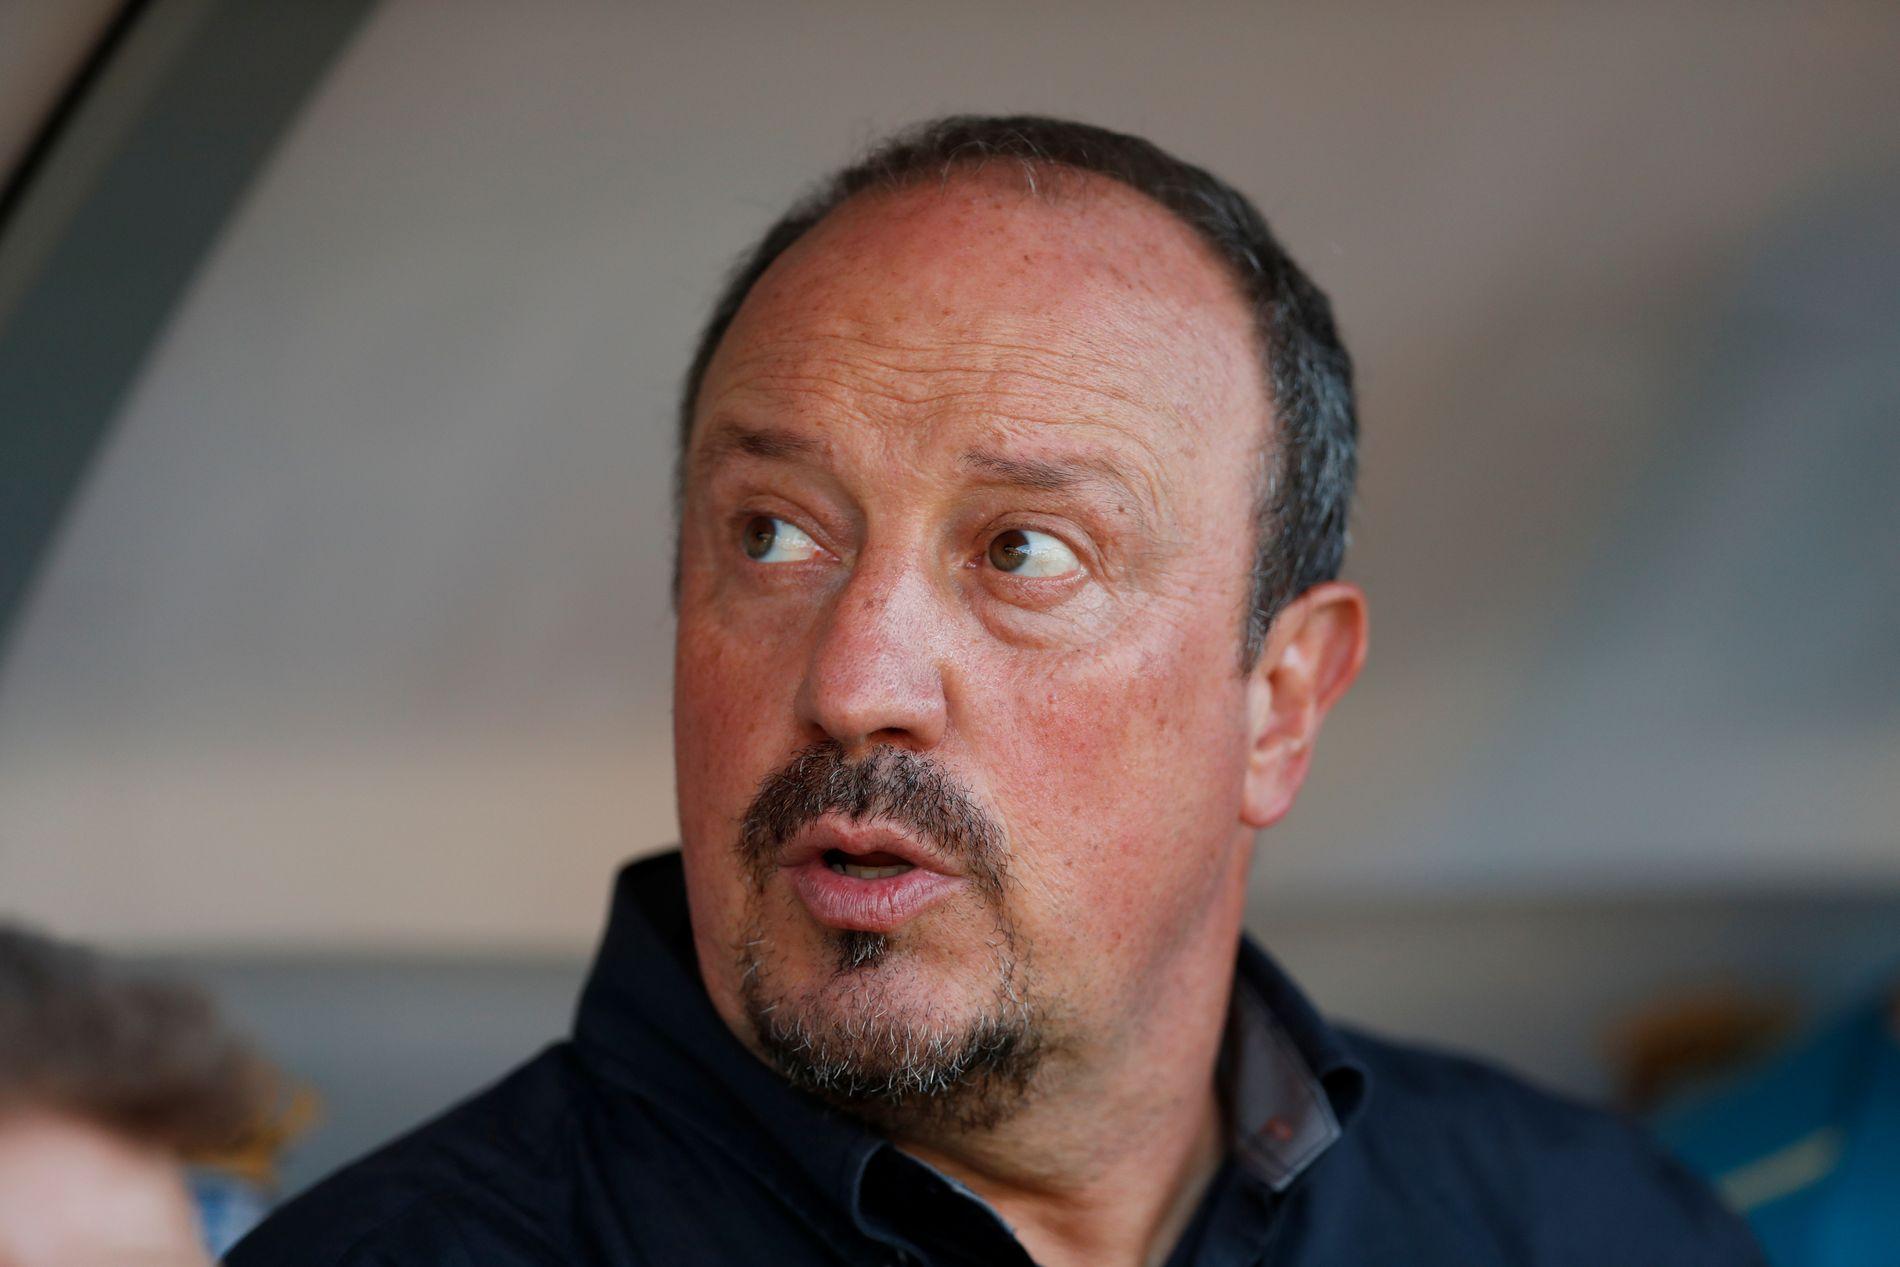 BEKYMRET: Newcastle-manager Rafa Benítez ønsker seg flere forsterkninger.